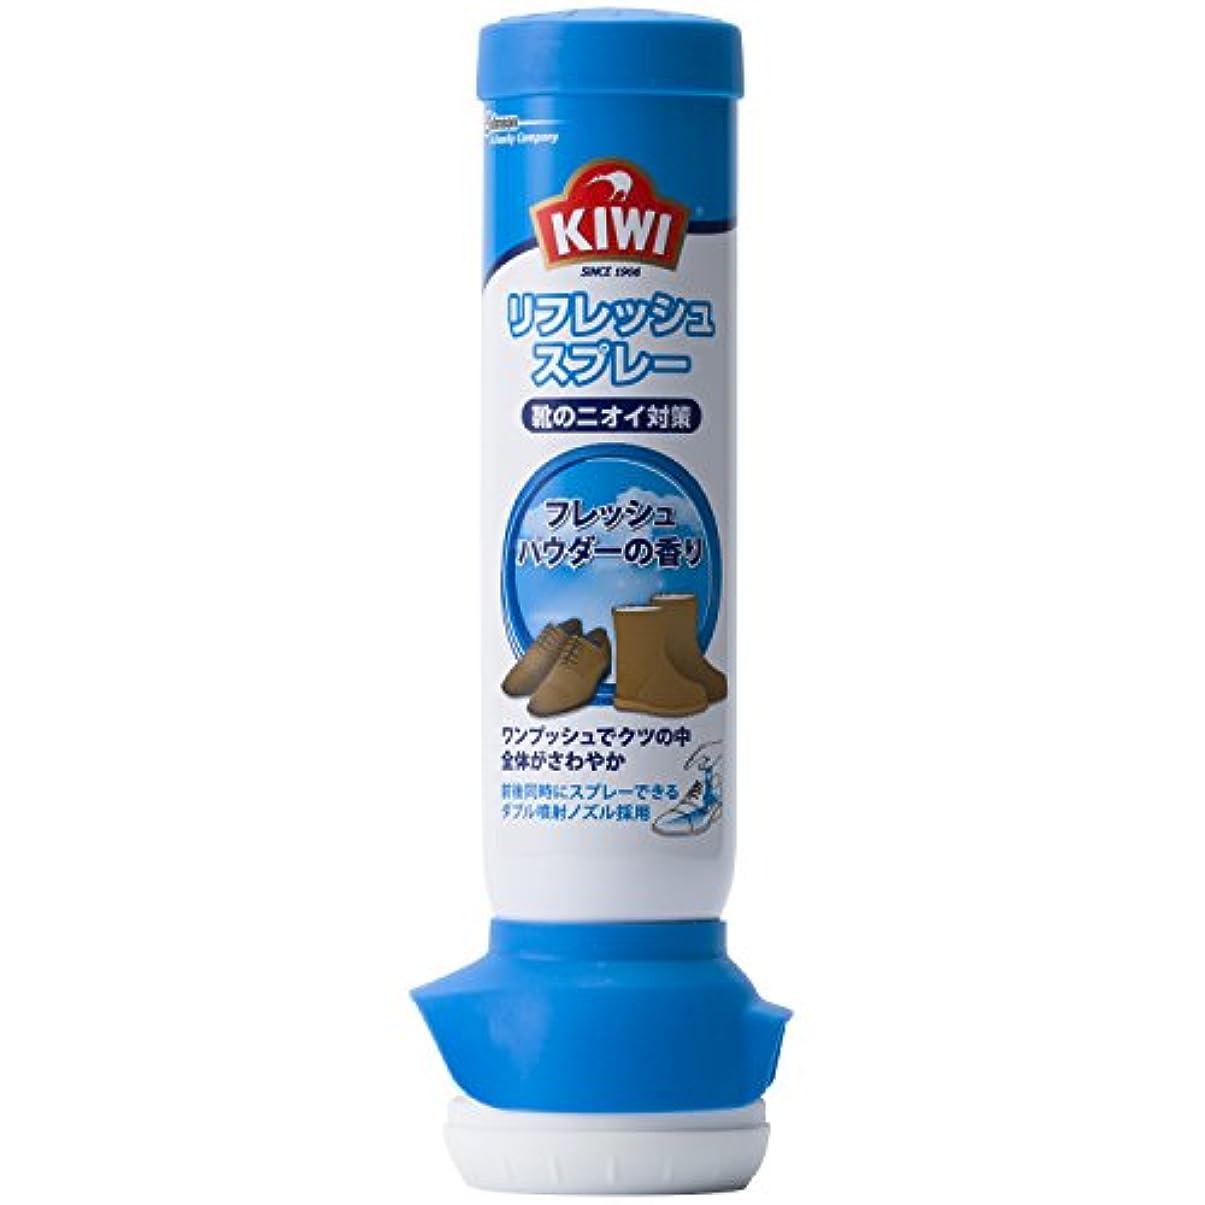 読書をする勉強する令状KIWI(キィウィ) 靴用消臭スプレー リフレッシュスプレー フレッシュパウダーの香り 100ml